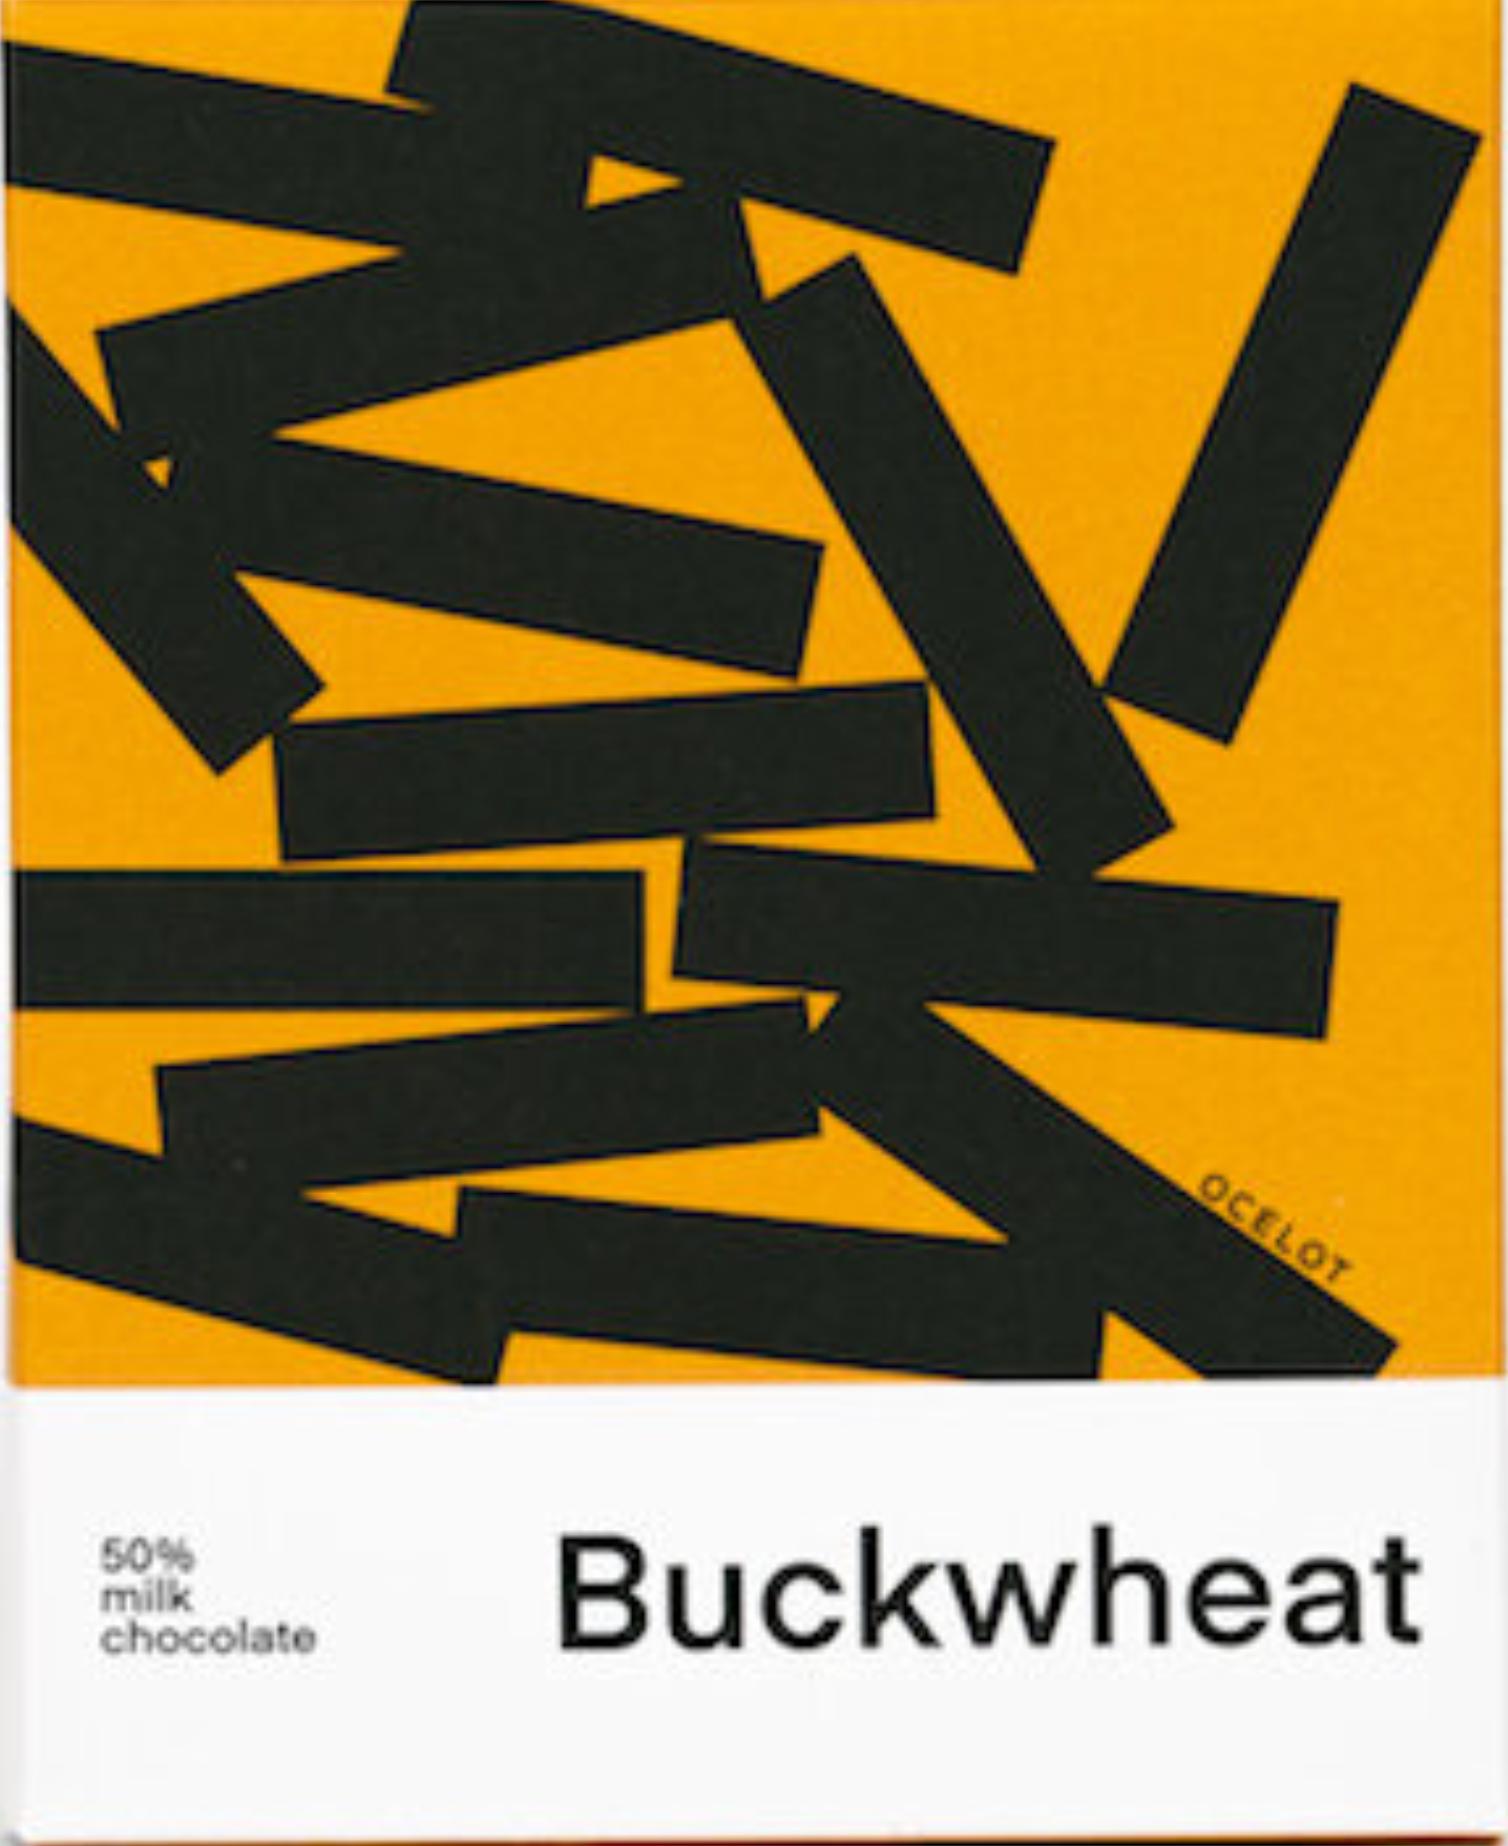 OCELOT | Milchschokolade & Buchweizen »Buckwheat« 50%